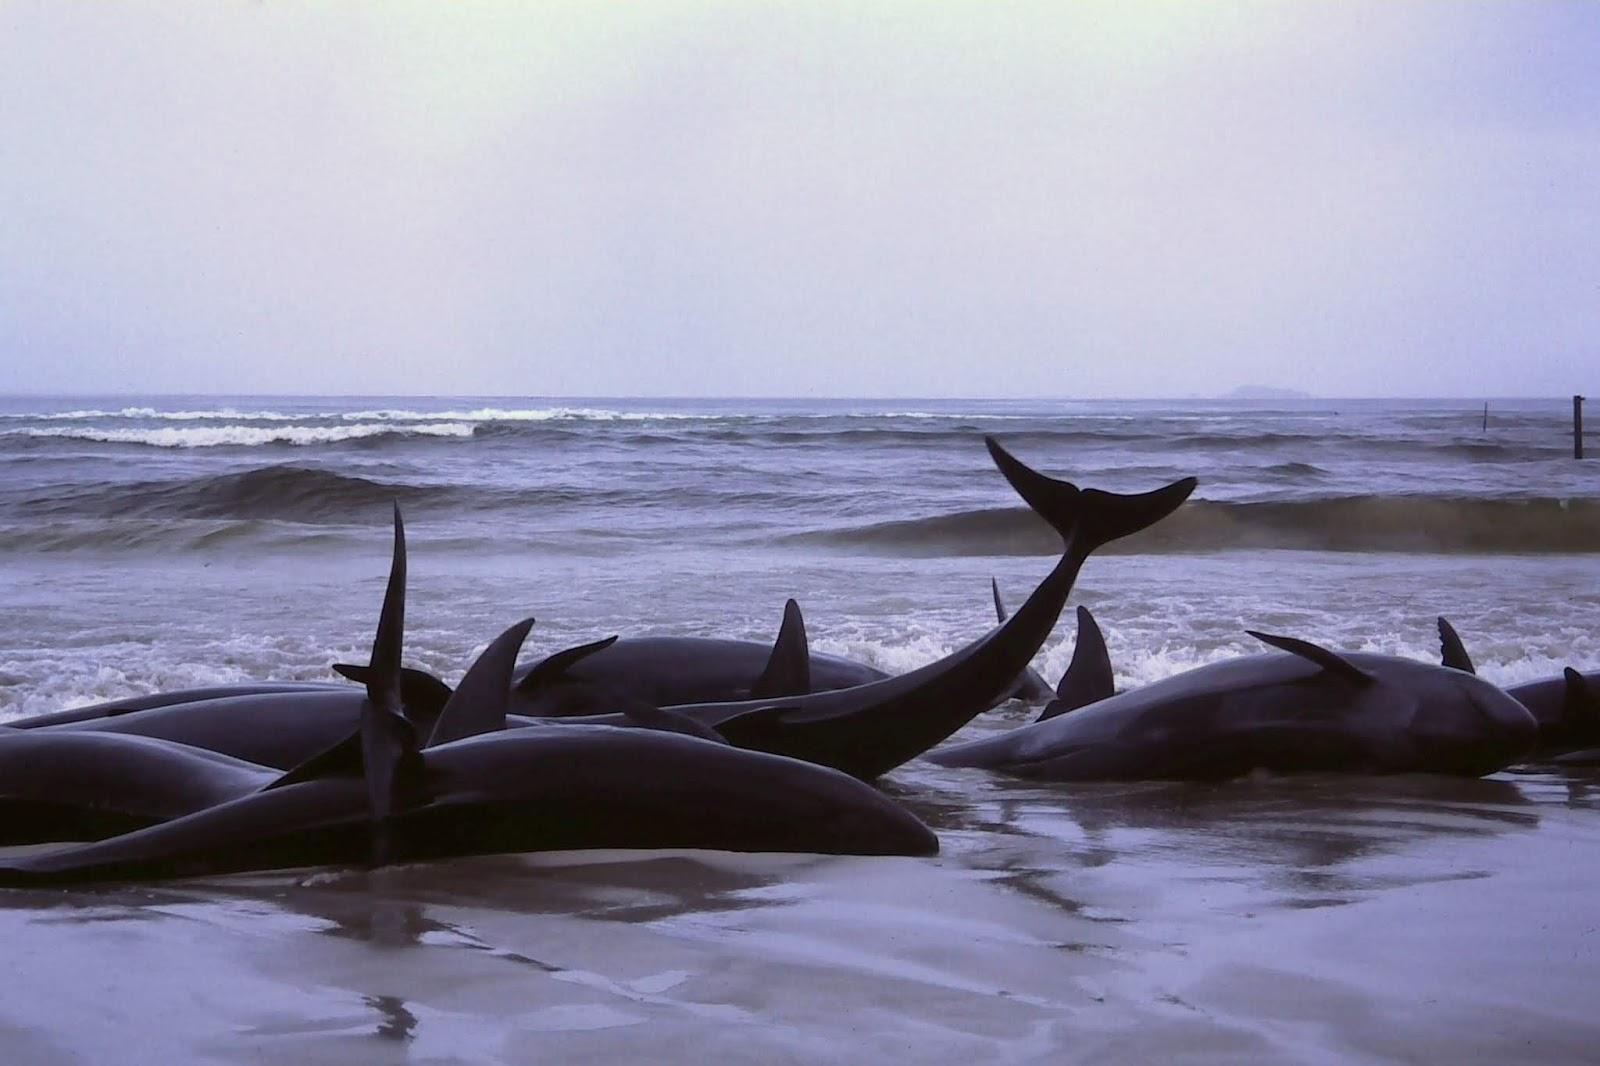 لن تصدق كم تزن ألسنة الحيتان الزرقاء All Sciences